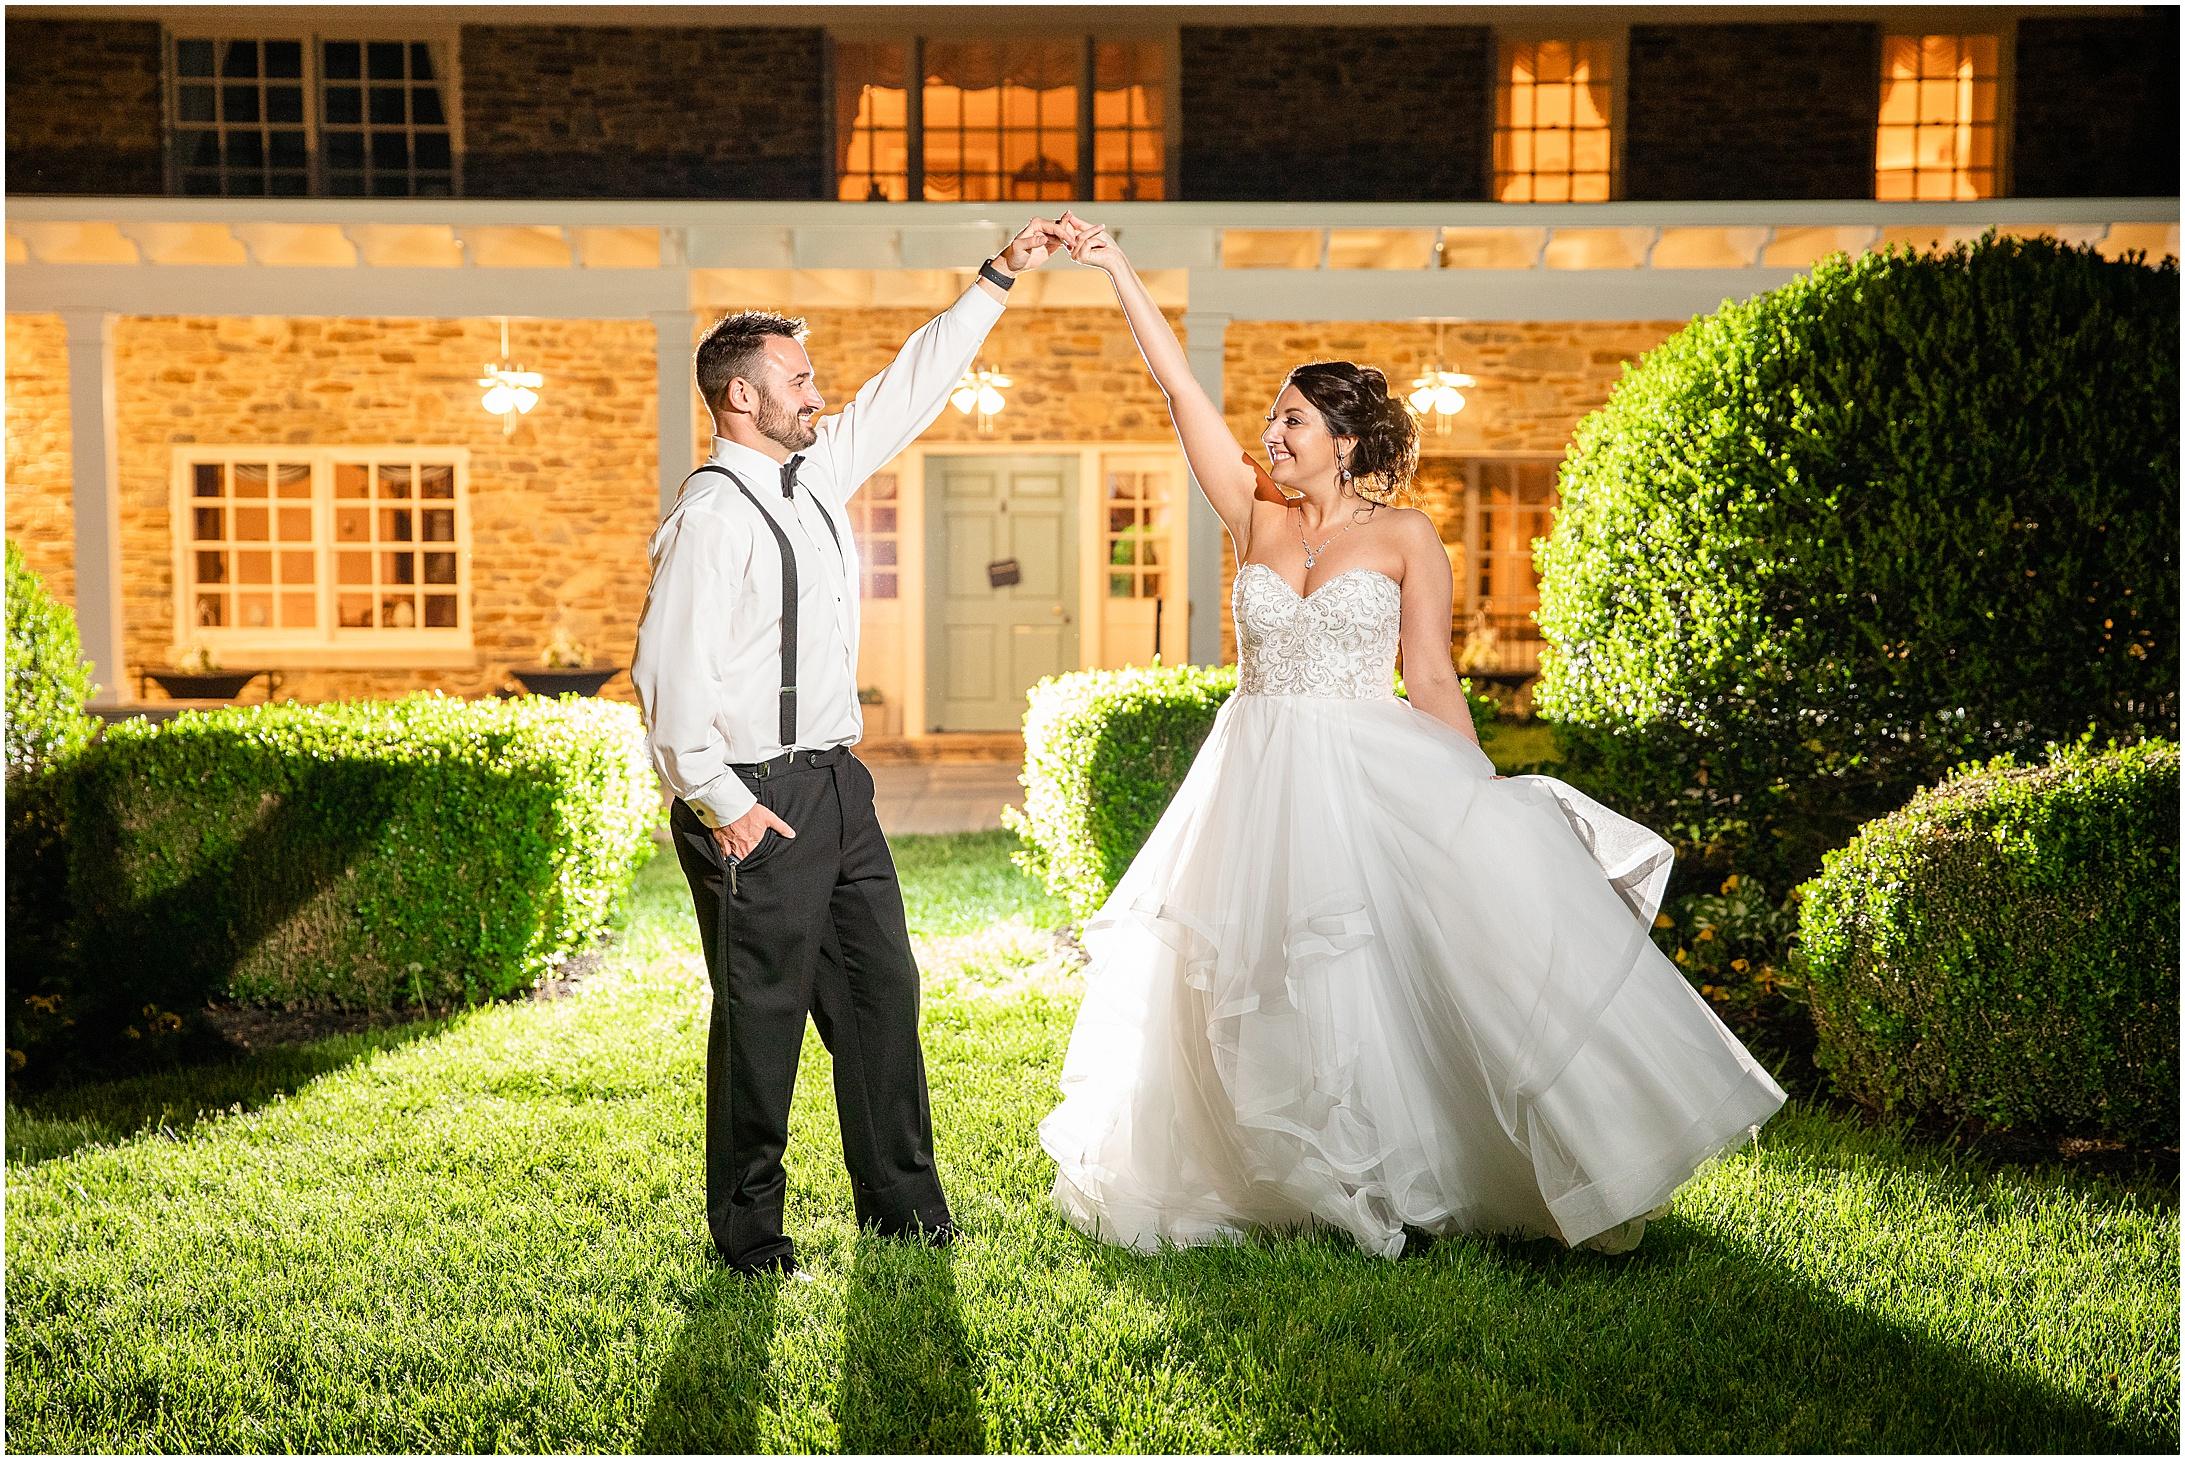 Stone-manor-country-club-wedding-photos-176.jpg